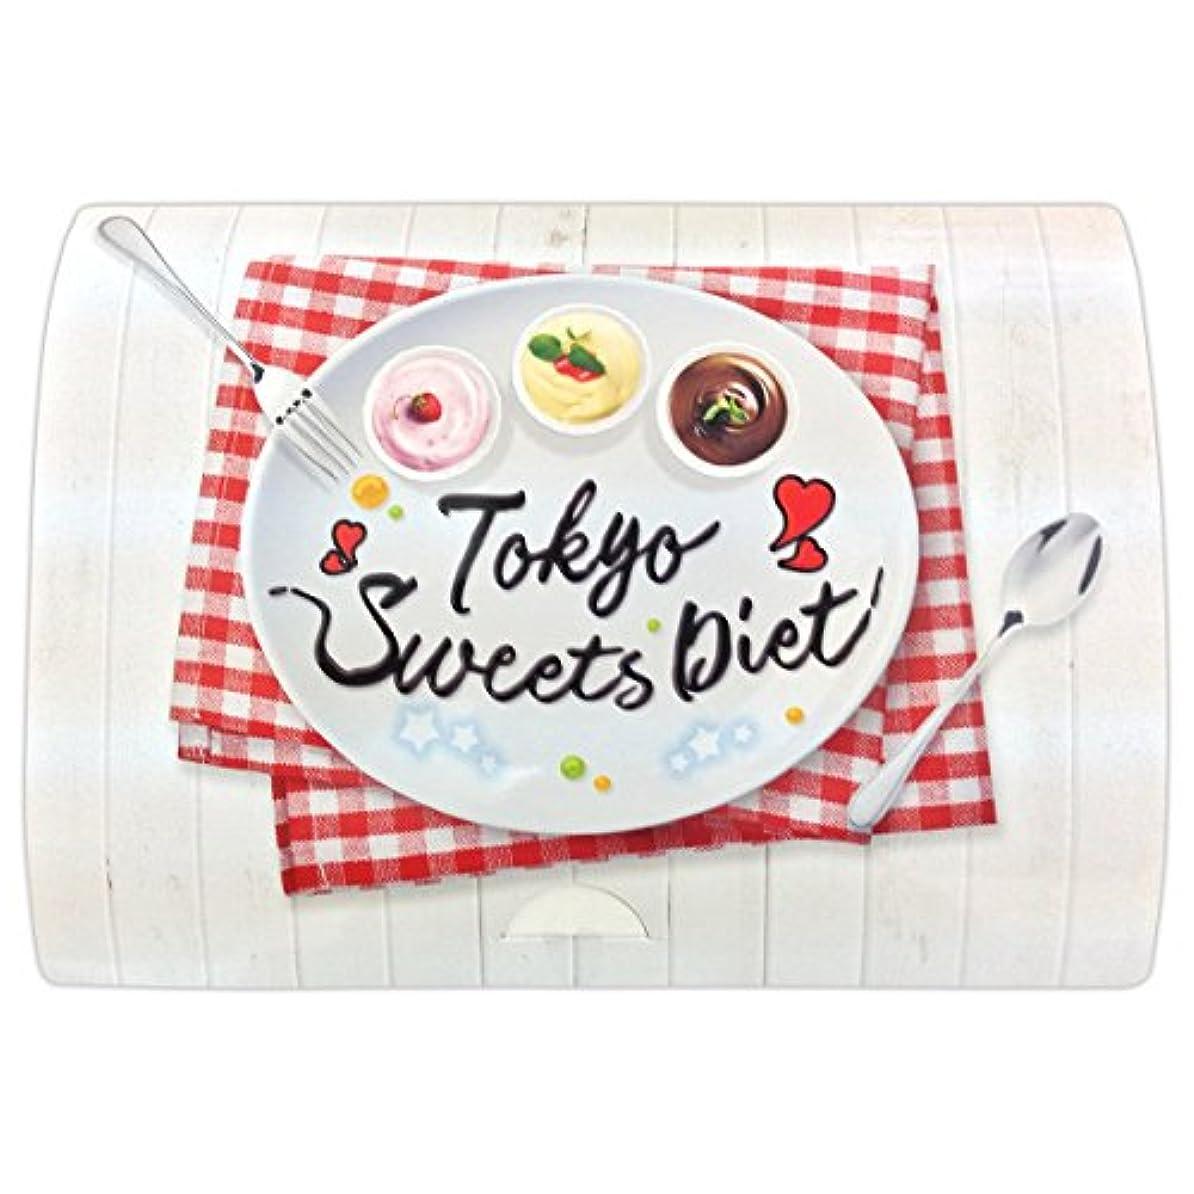 ぞっとするような専門用語博物館IDEA TOKYOスイーツダイエット 置き換えダイエットスイーツ 15食(1包:15g) ストロベリー味 チョコレート味 プリン味